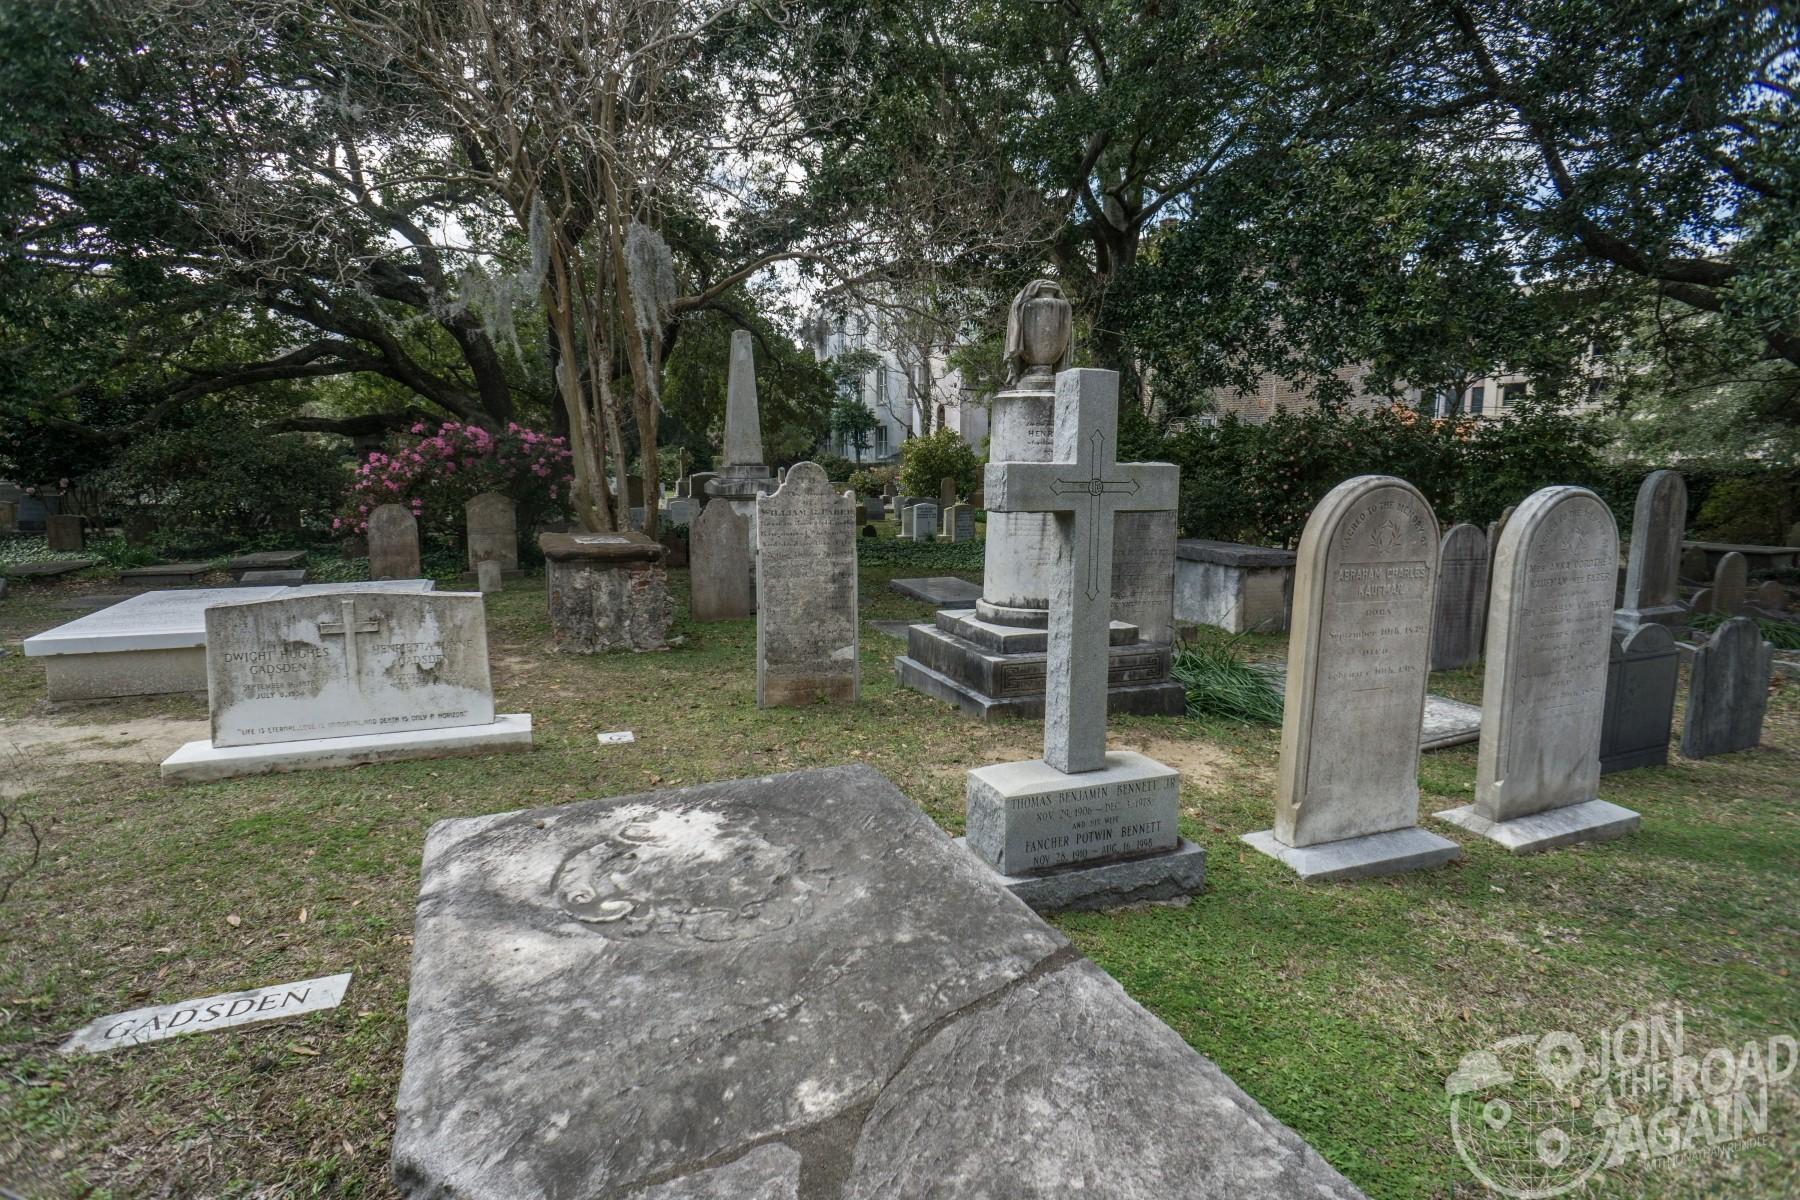 Old graveyard at Circular Congregational Church